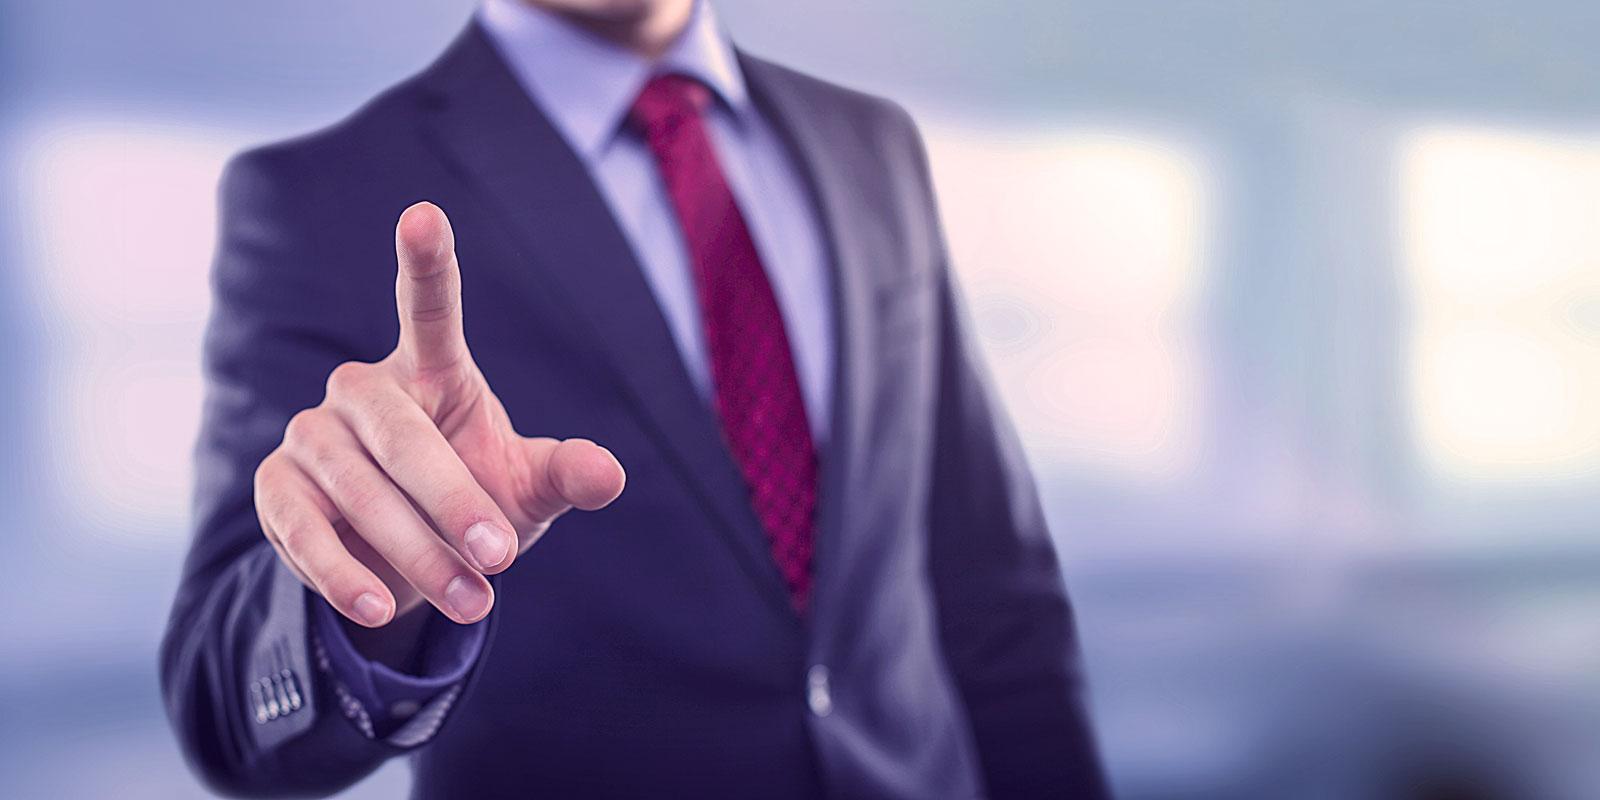 Businessmann mit Anzug und Krawatte zeigt mit den Zeigefinger in die Kamera